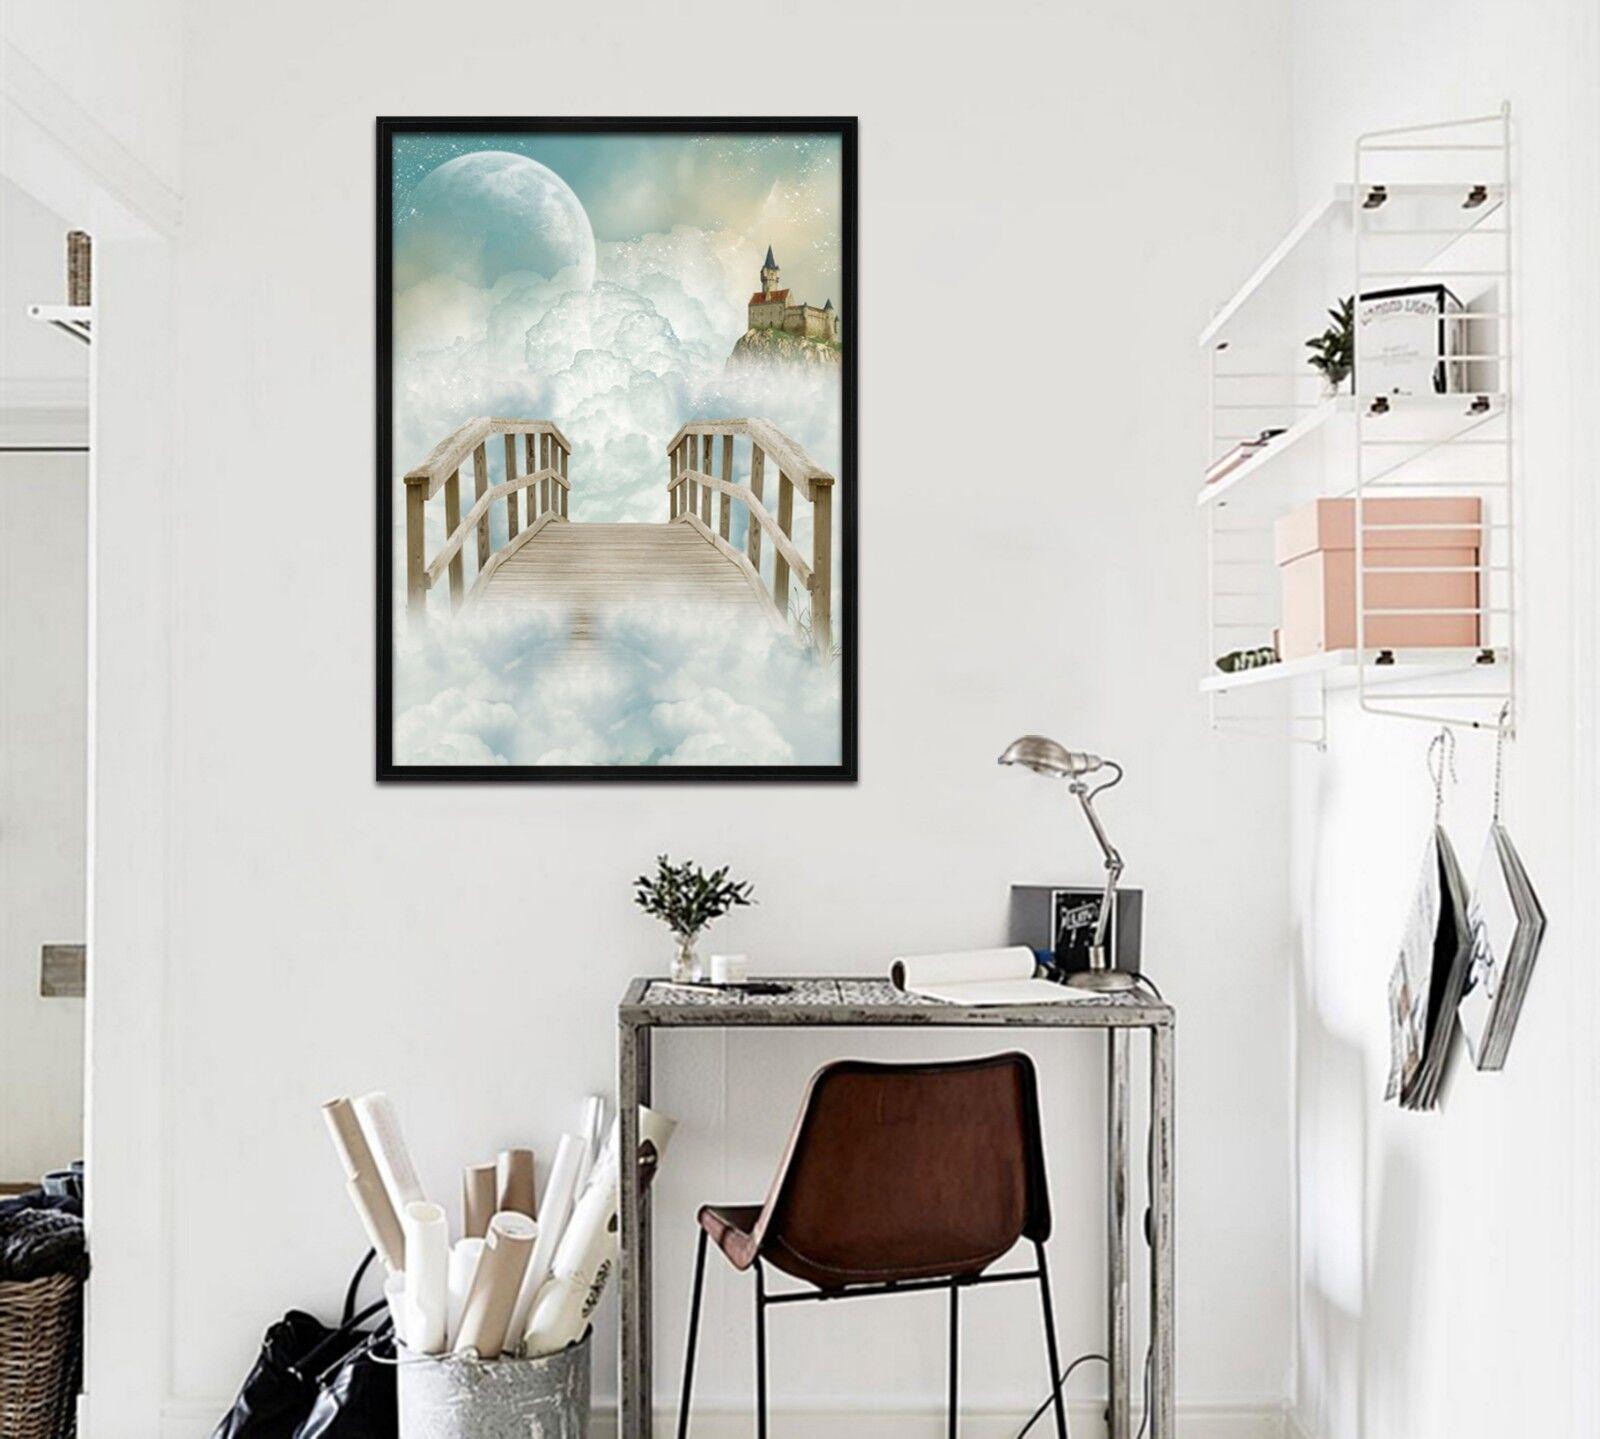 Castillo de puente en la nube 3D 2 Póster Enmarcado Decoración del Hogar Pintura de Impresión Arte Wallpaper